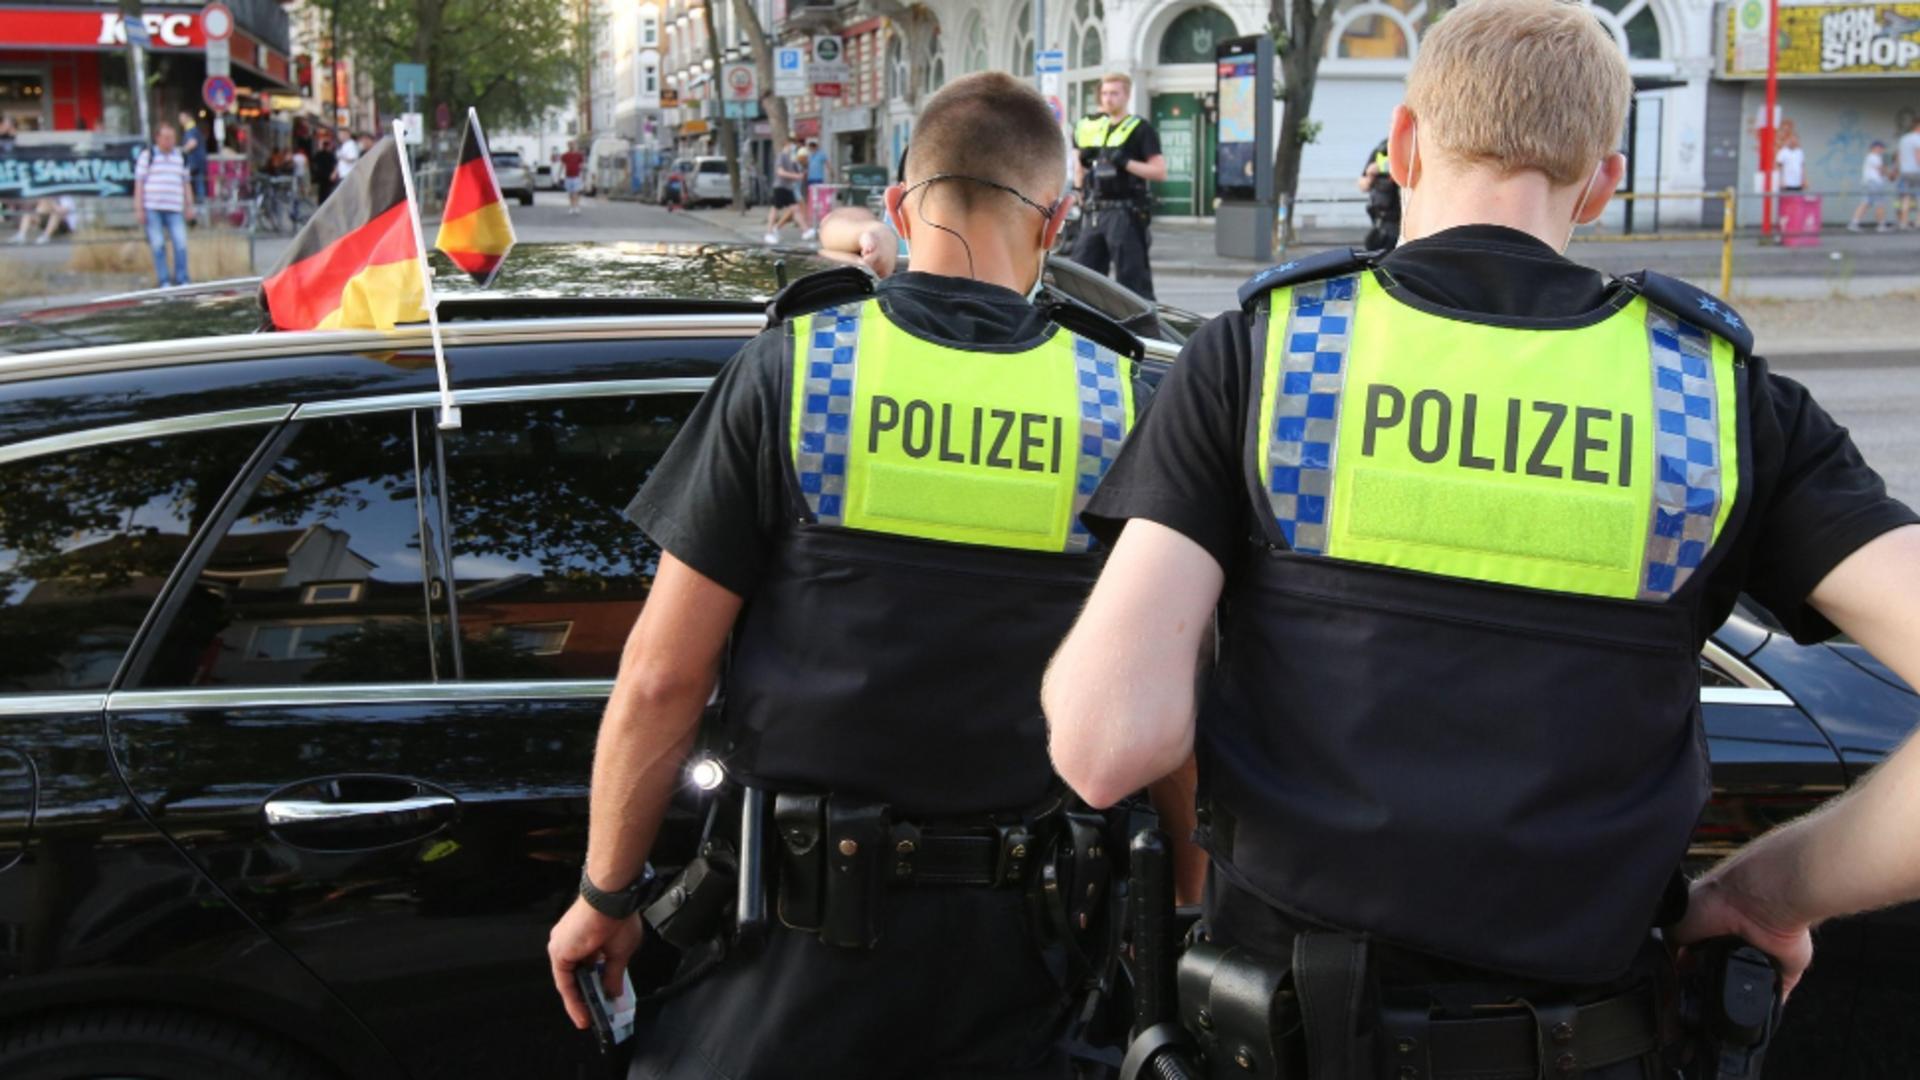 Două persoane au fost înjunghiate, luni, cu un cuţit, în oraşul german Erfurt / Foto: Profi Media